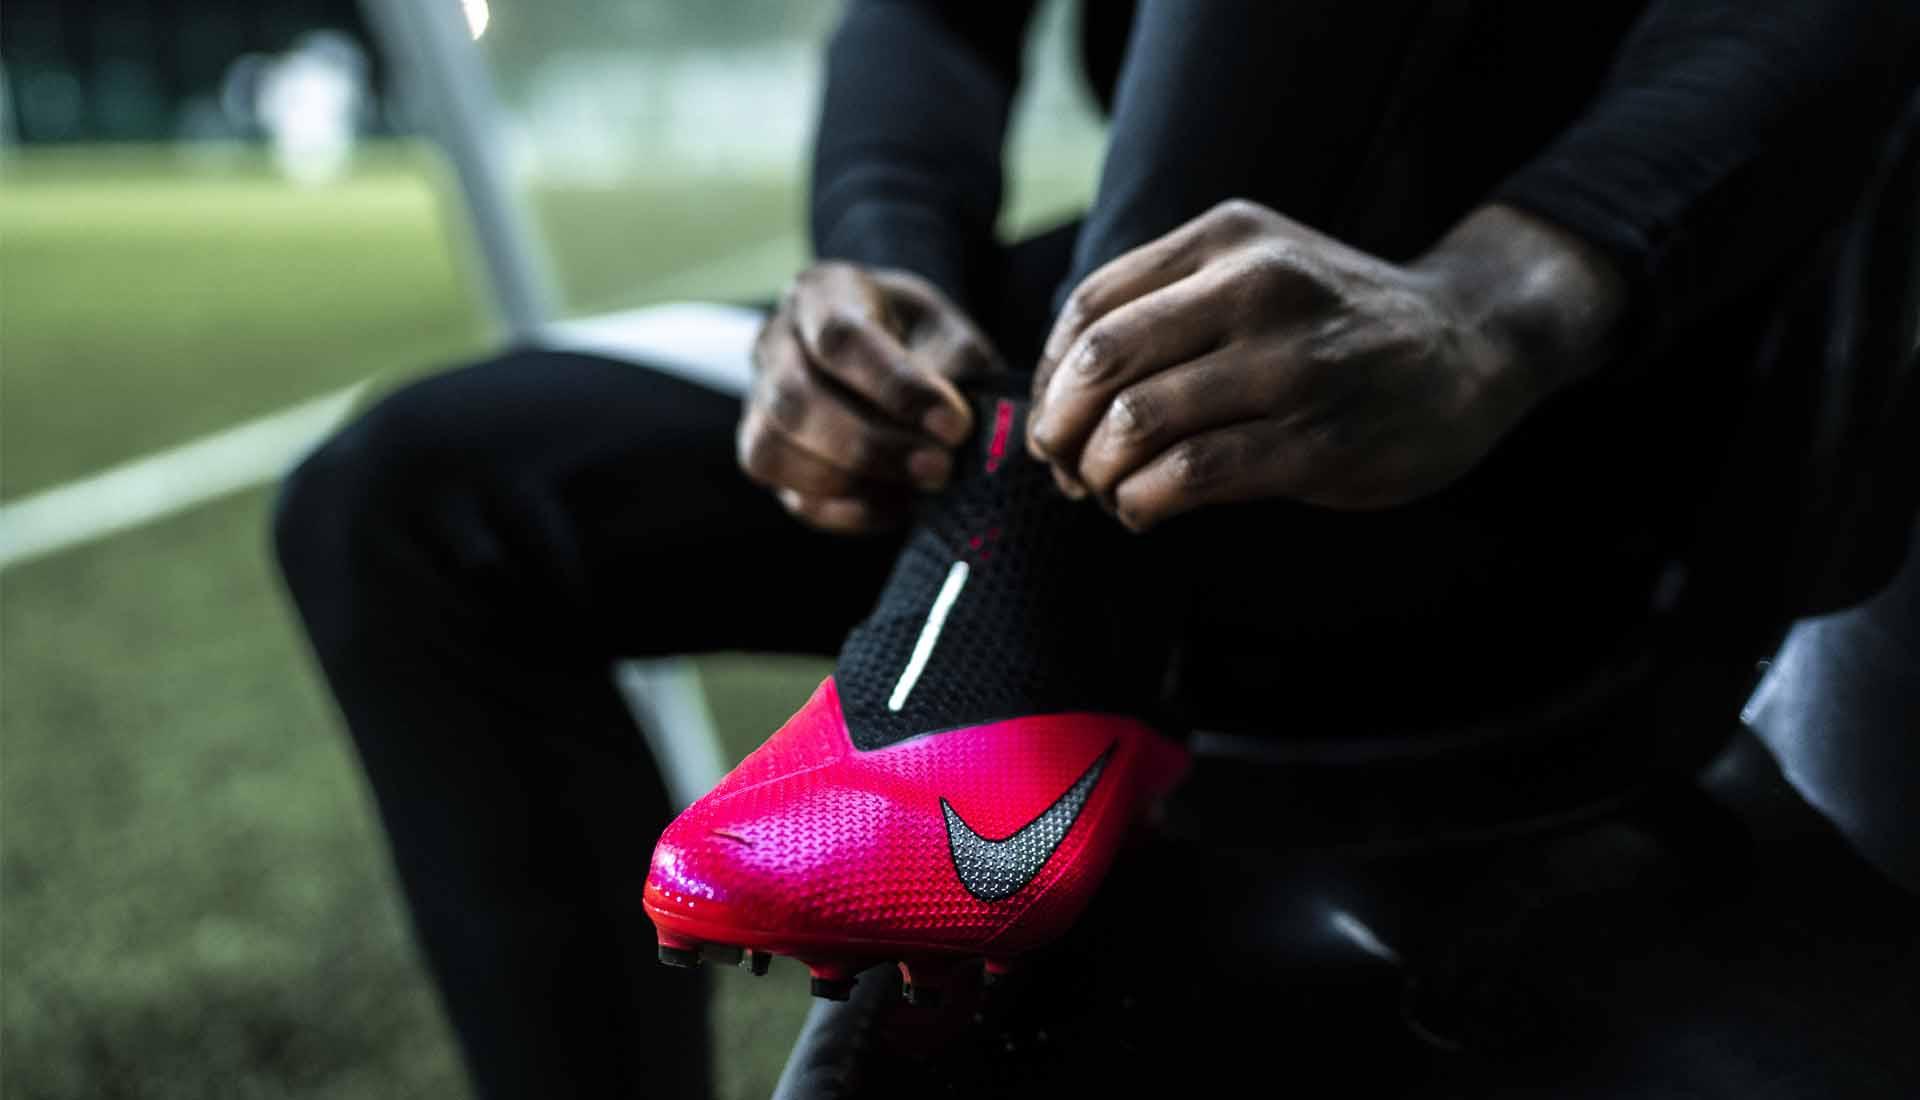 Giày bóng đá ôm chân giúp tăng cảm giác bóng, thật chân, tăng lực sút bóng